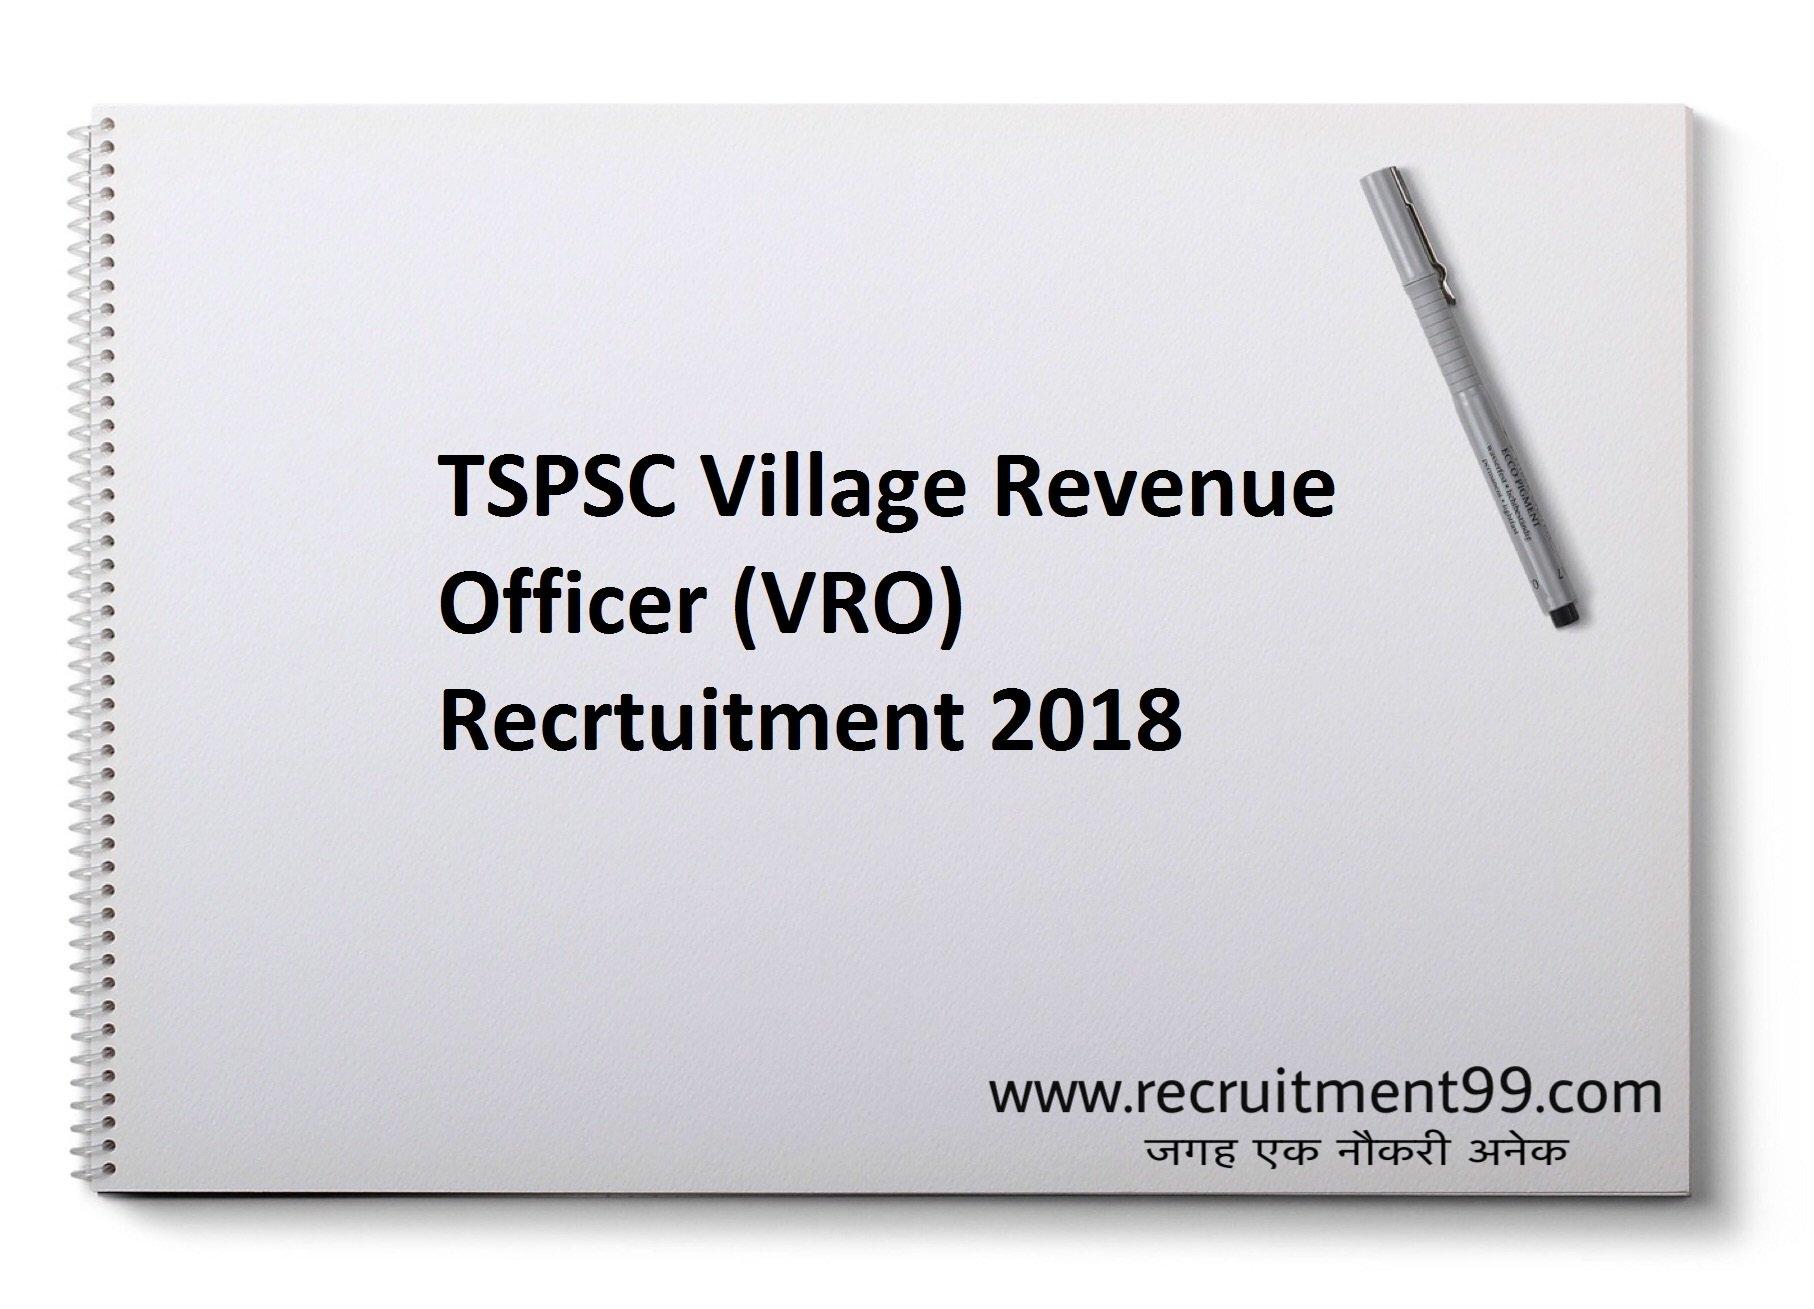 TNPSC Village Revenue Officer (VRO) Recruitment Hall ticket Result 2018